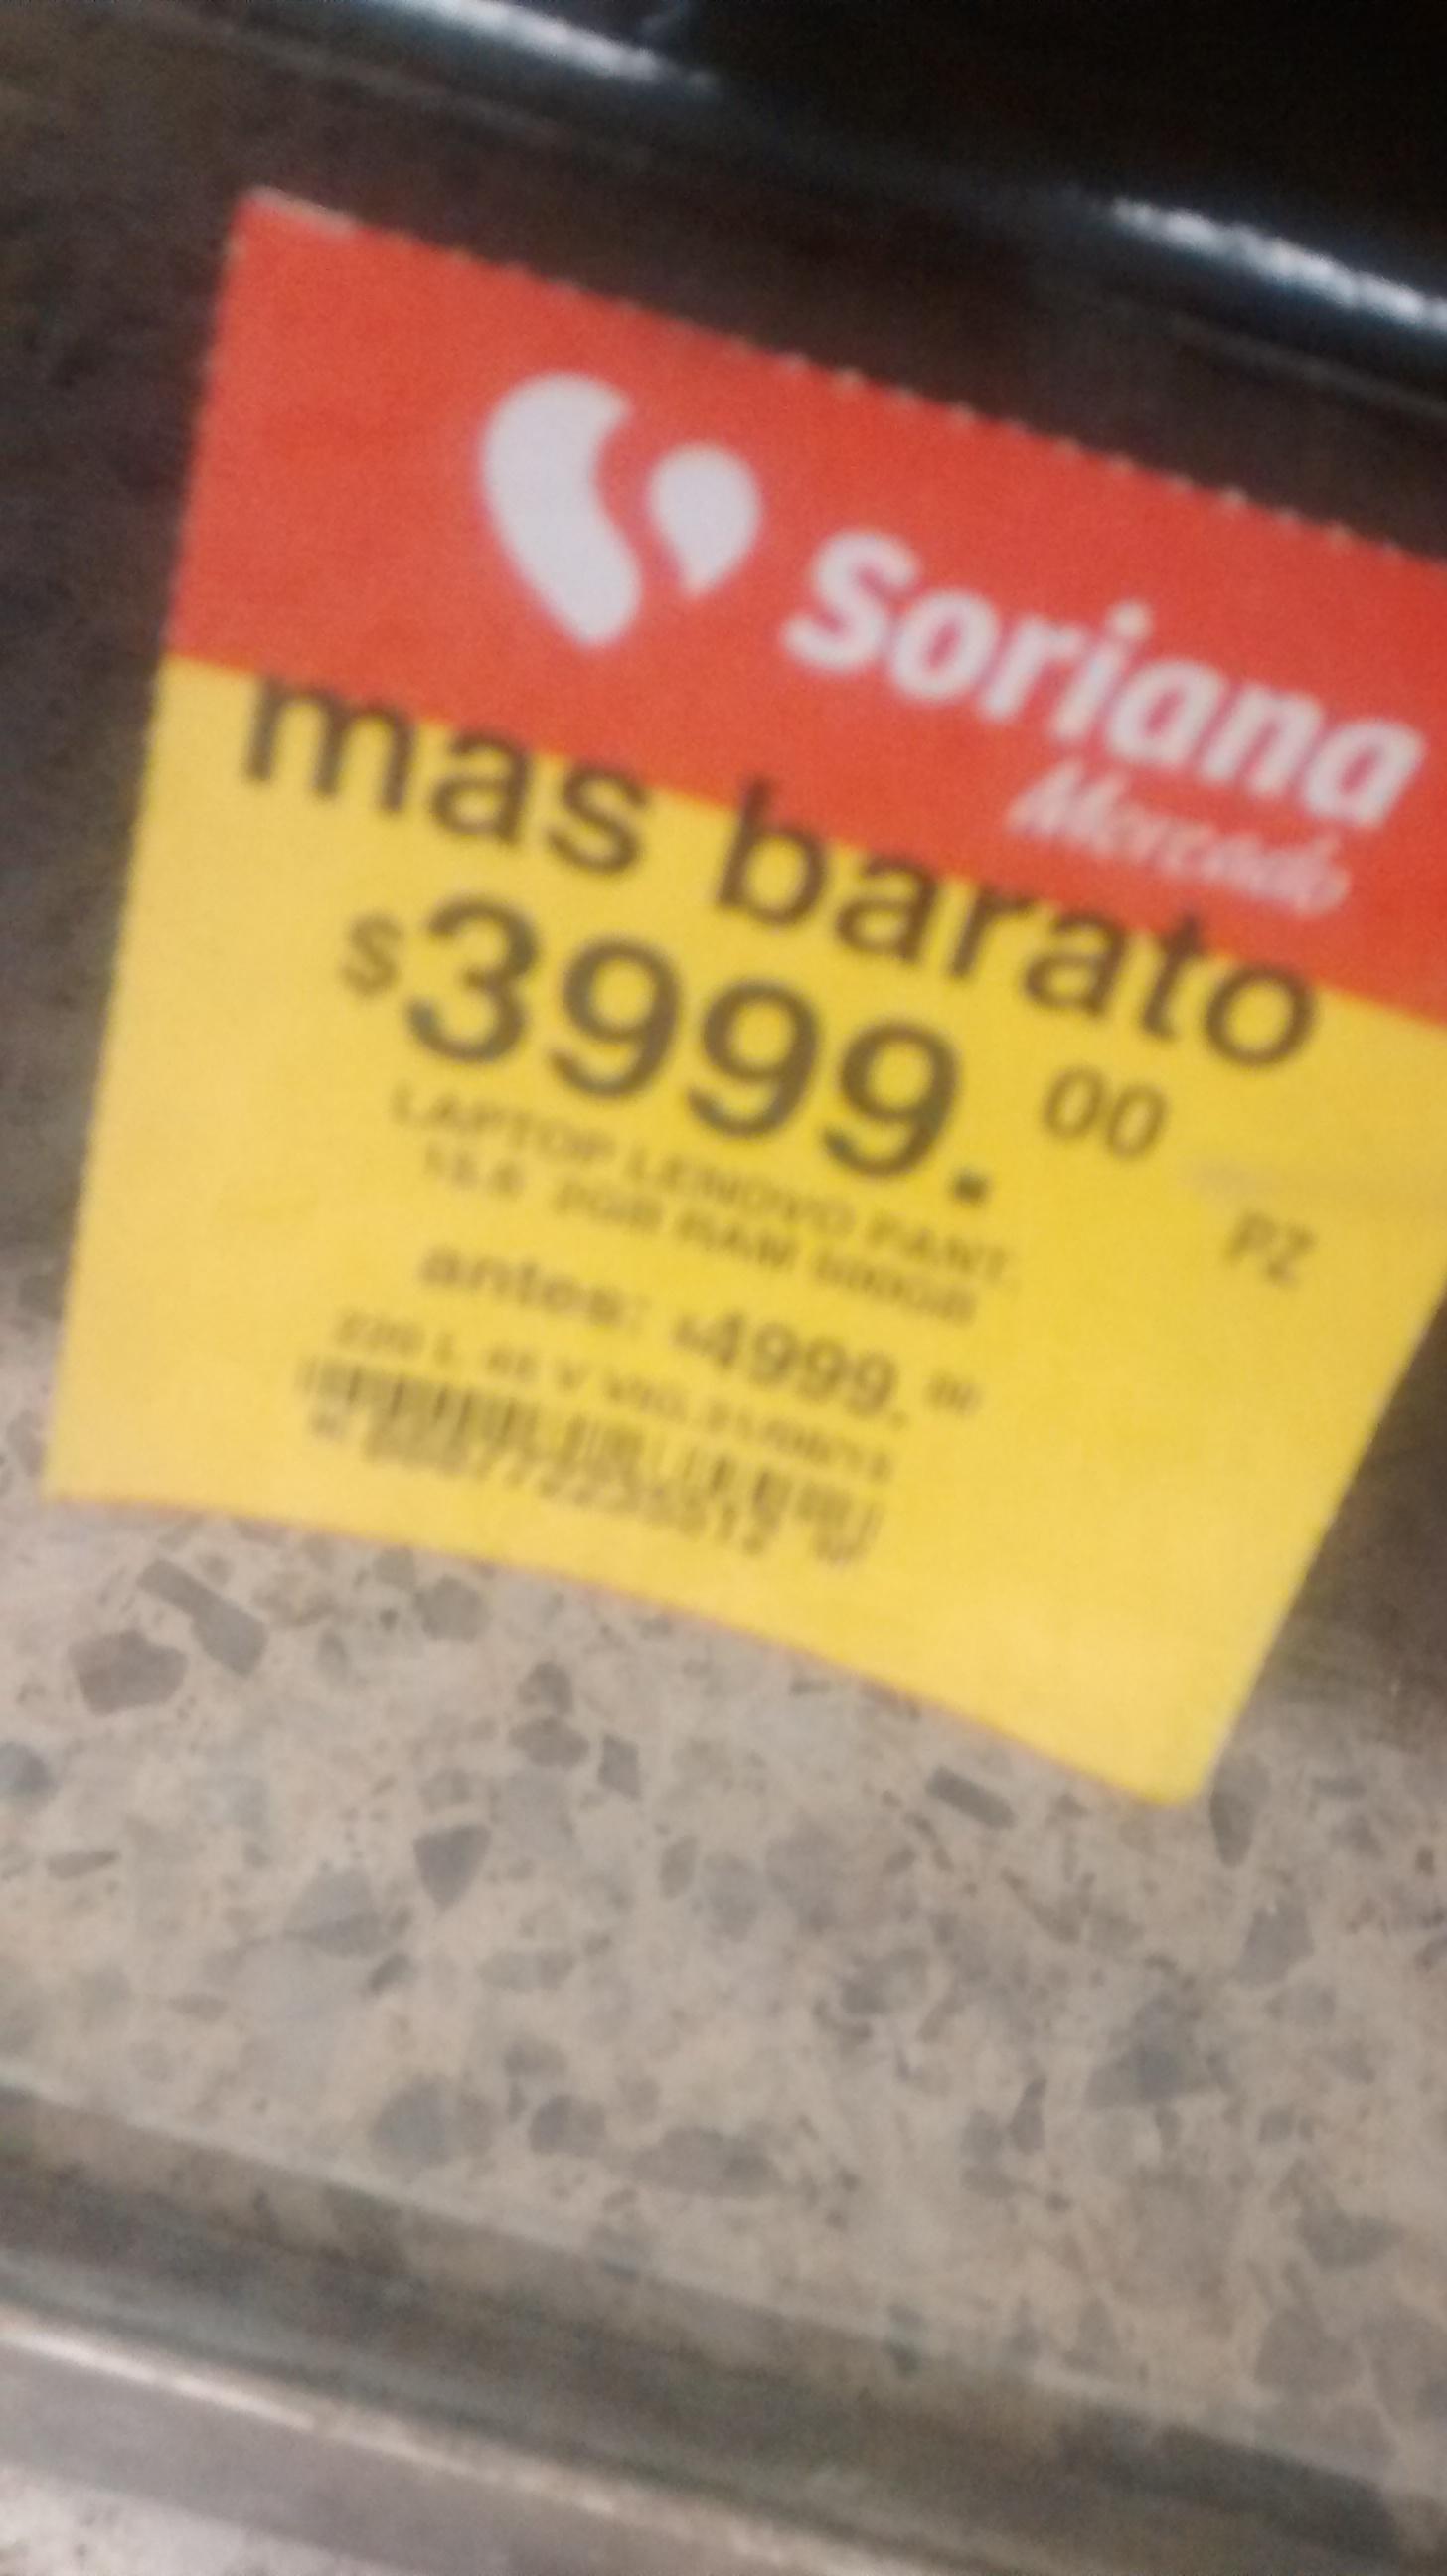 Soriana  lenovo G50 Veracruz,ver laptops 15.6 USB 3.0 hdmi  y otras coppel